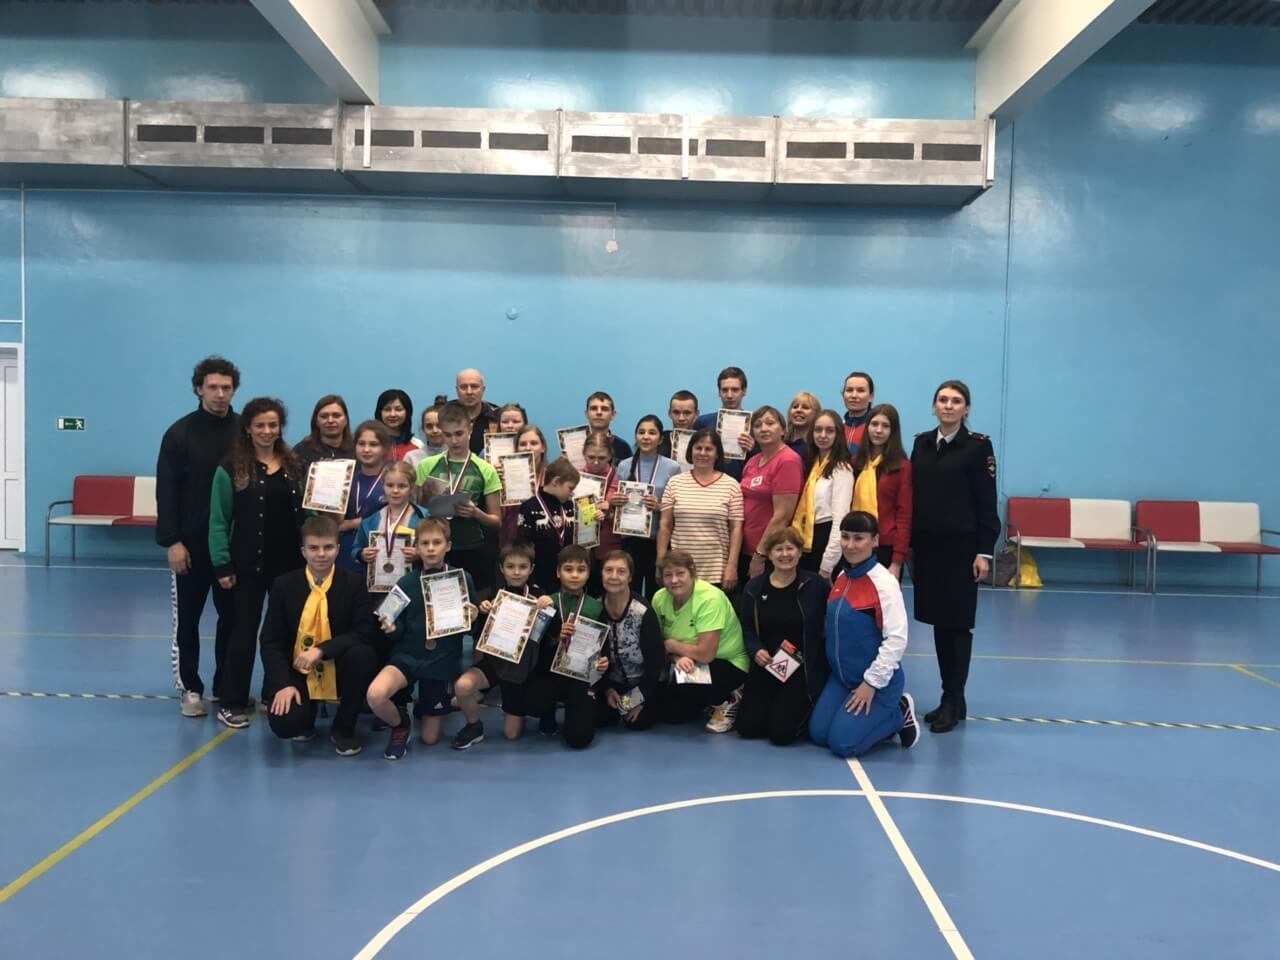 «Веселые старты» в спорткомплексе Центра адаптивного спорта в Югорске